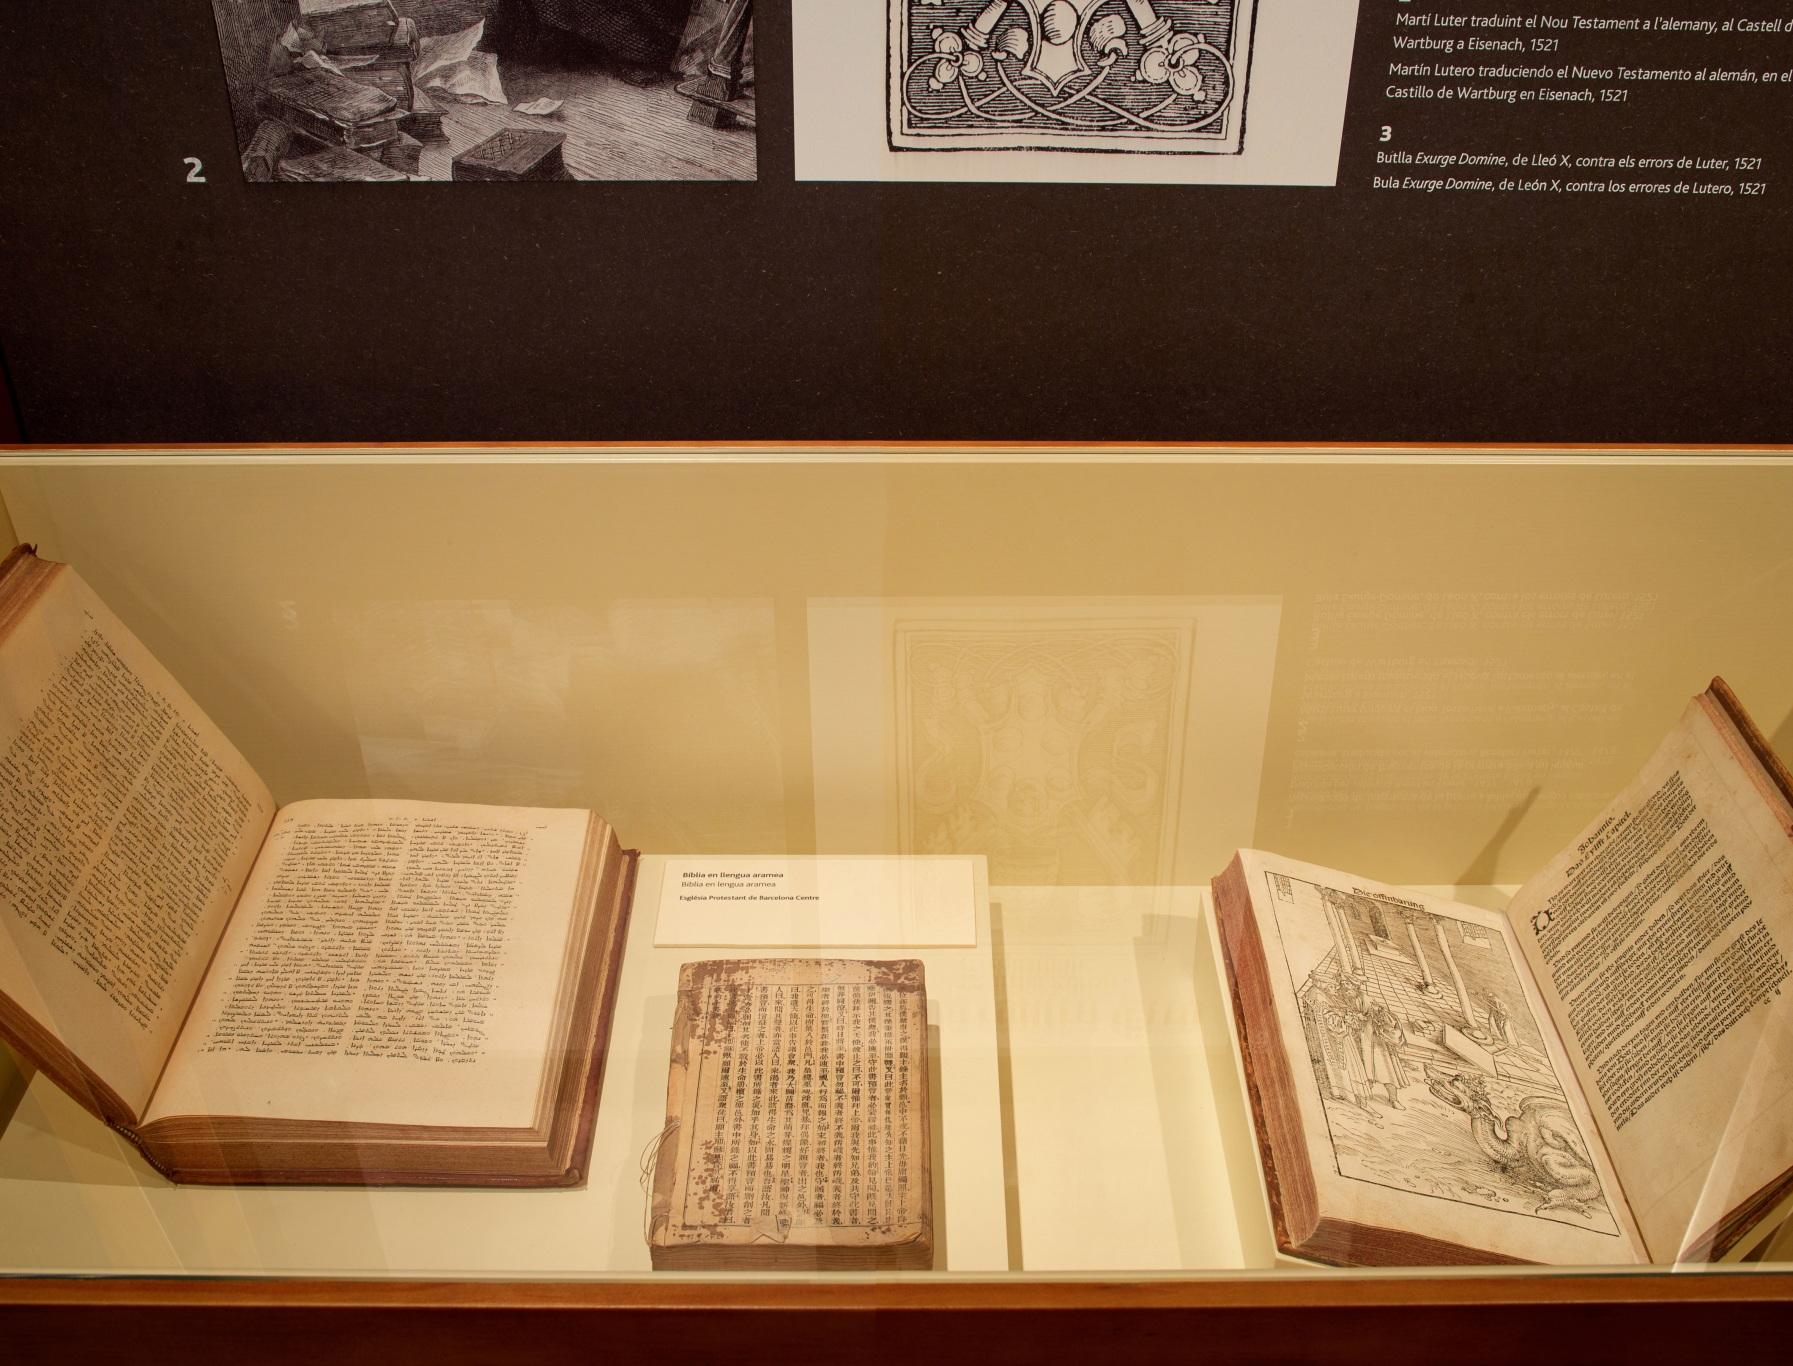 Exposición protestantes Caixaforum. Vitrina con libros antiguos.